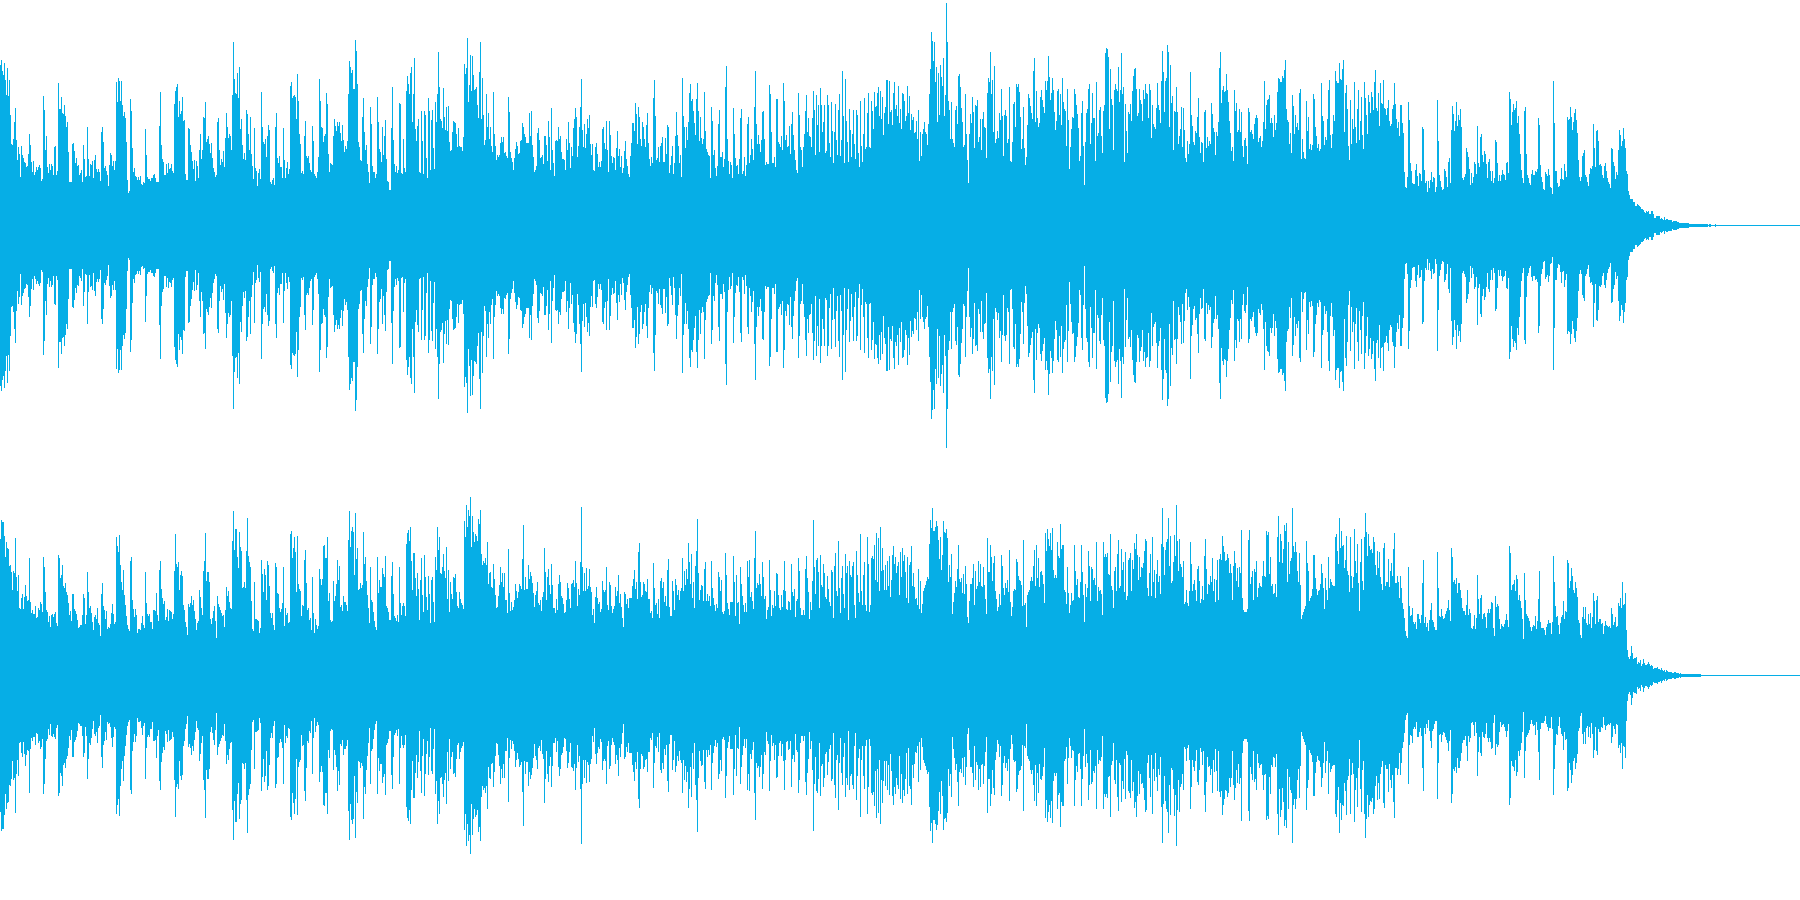 危険な雰囲気のBGMの再生済みの波形